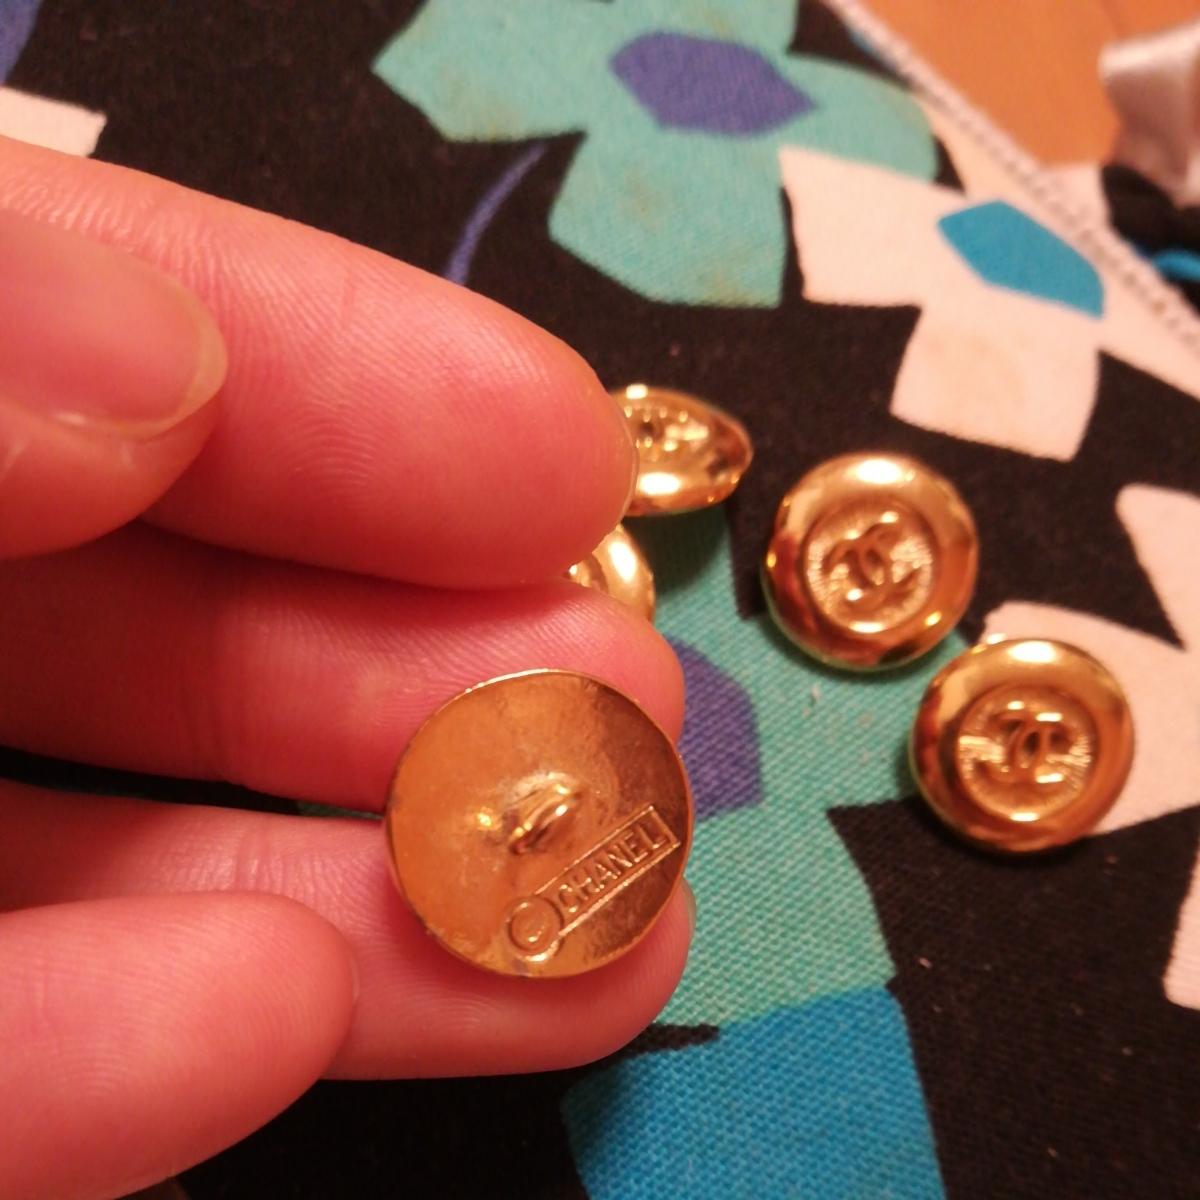 同梱可能 正規品chanel ゴールド ボタン 6個のセット 未使用 サイズ1.6cm_画像3